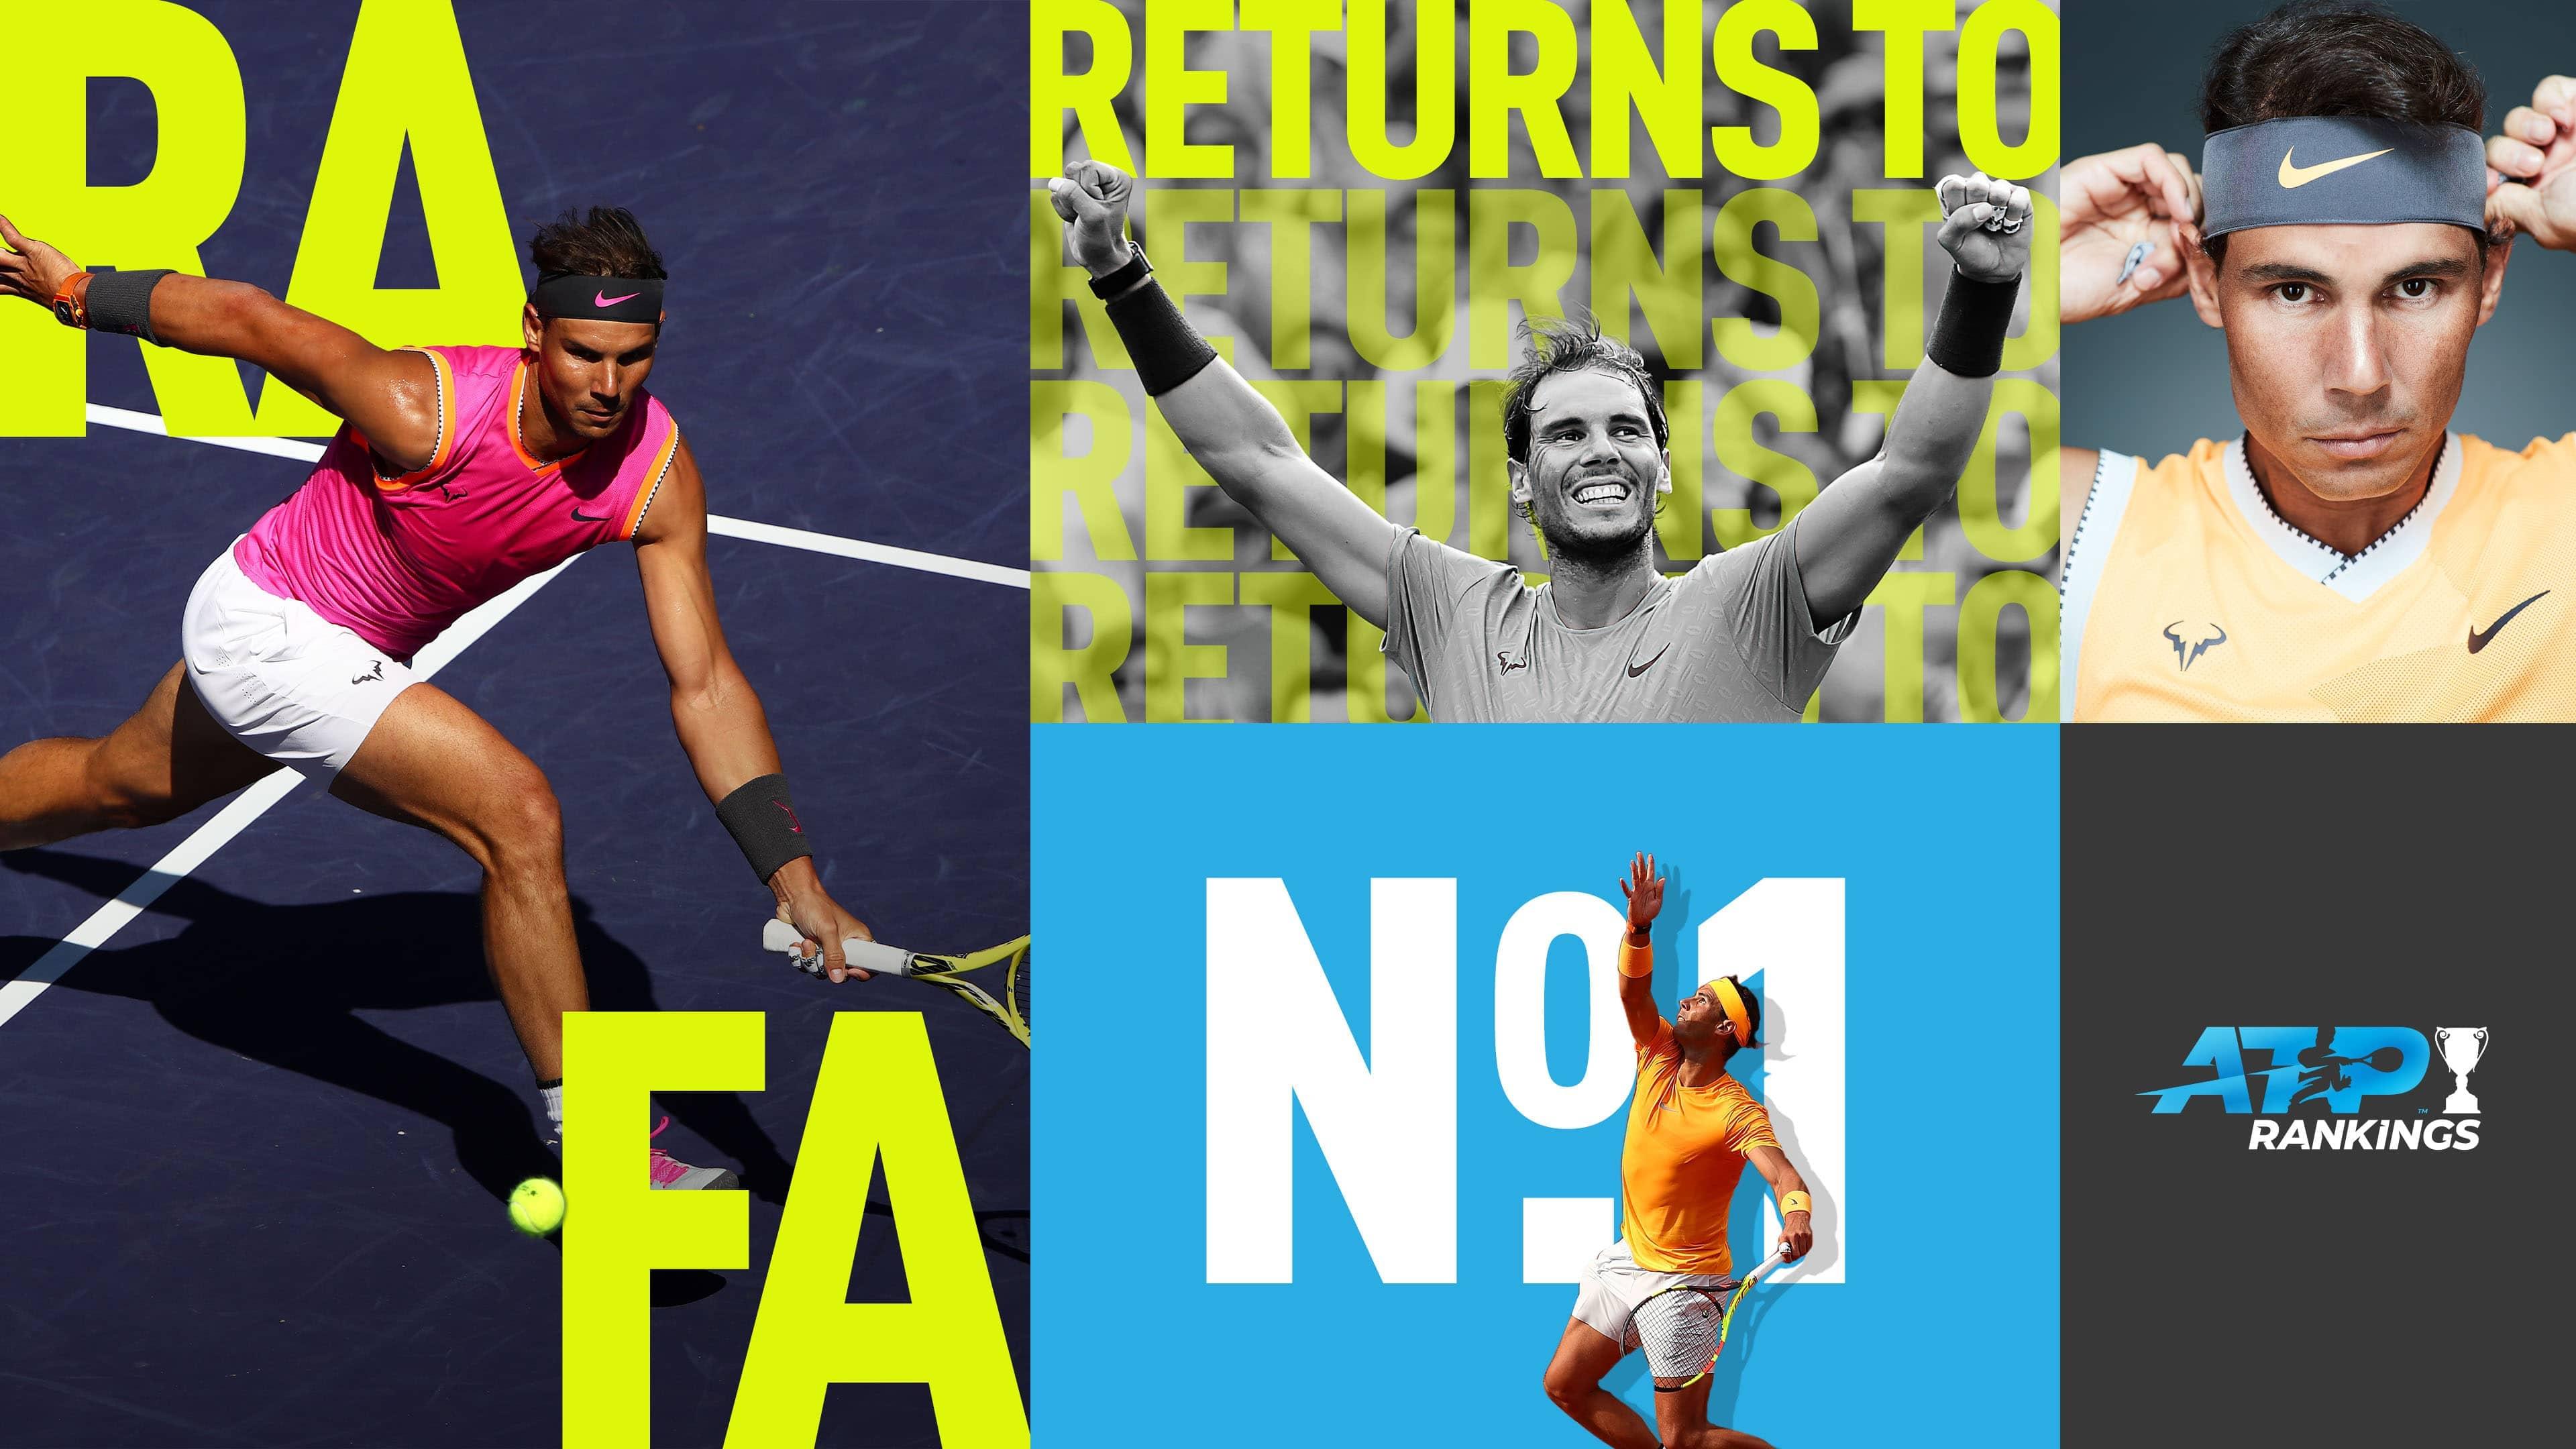 Рафаэль Надаль впервые за год возглавил рейтинг ATP